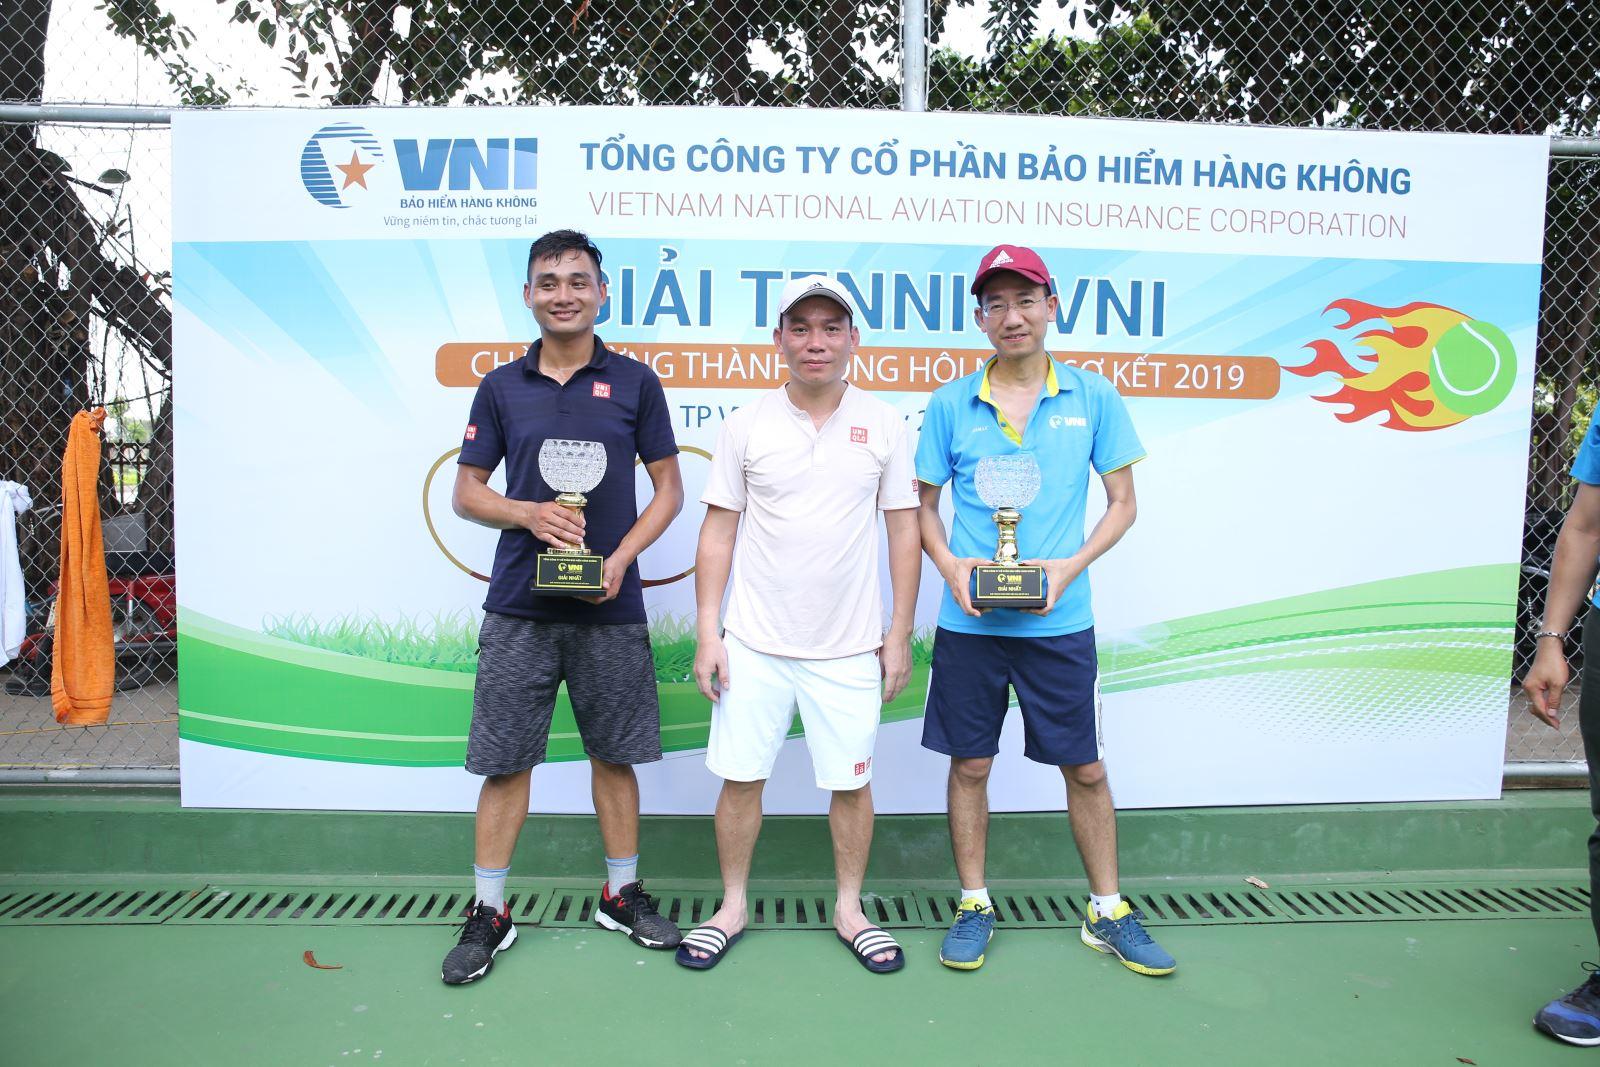 Giải tennis VNI chào mừng thành công Hội nghị sơ kết 2019